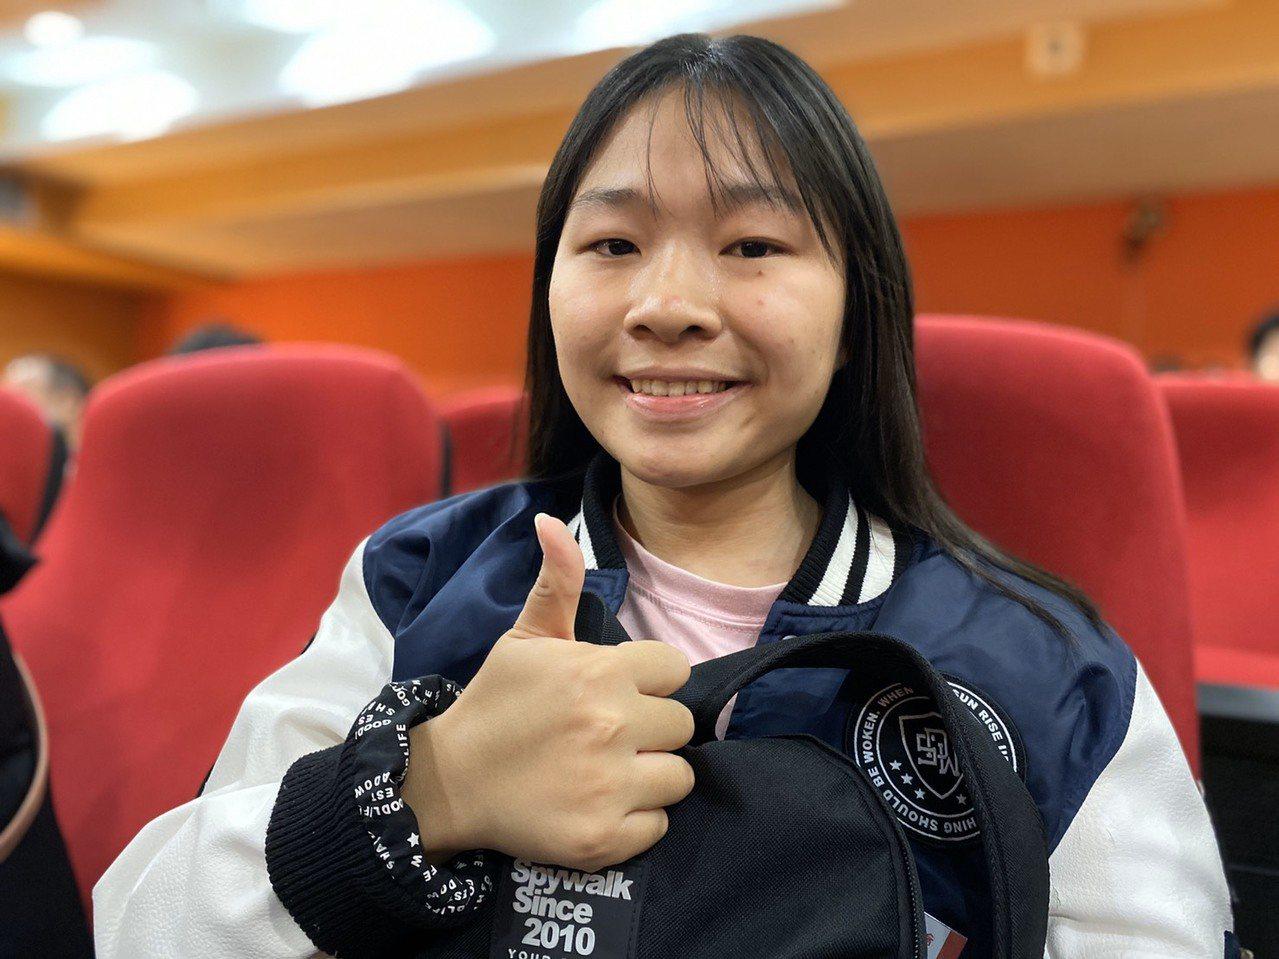 蘇澳海事學生鄭翠玄獲得葛瑪蘭文化基金會頒發獎助學金,她家庭困境,但體貼懂事,一肩...